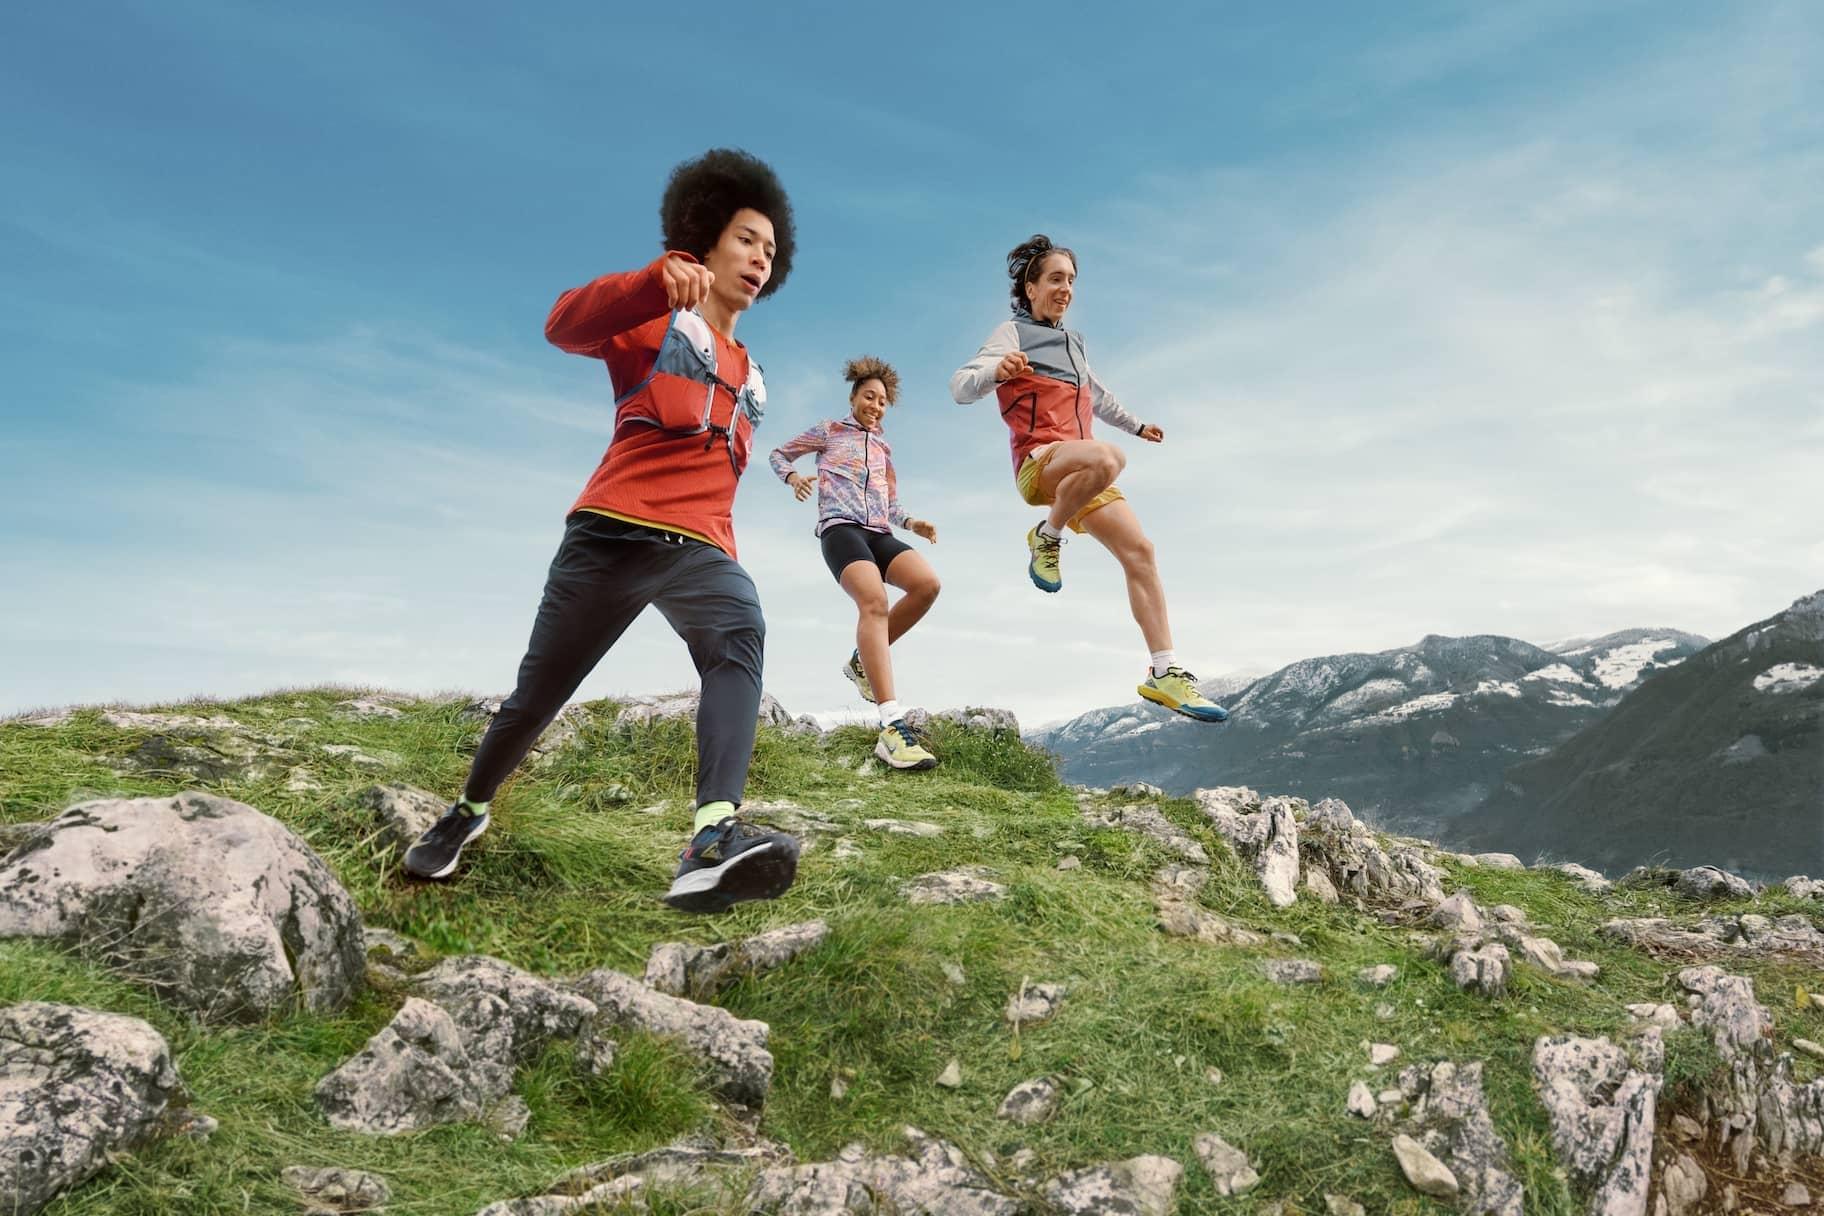 Deshalb ist ein guter Trail Running-Schuh so wichtig